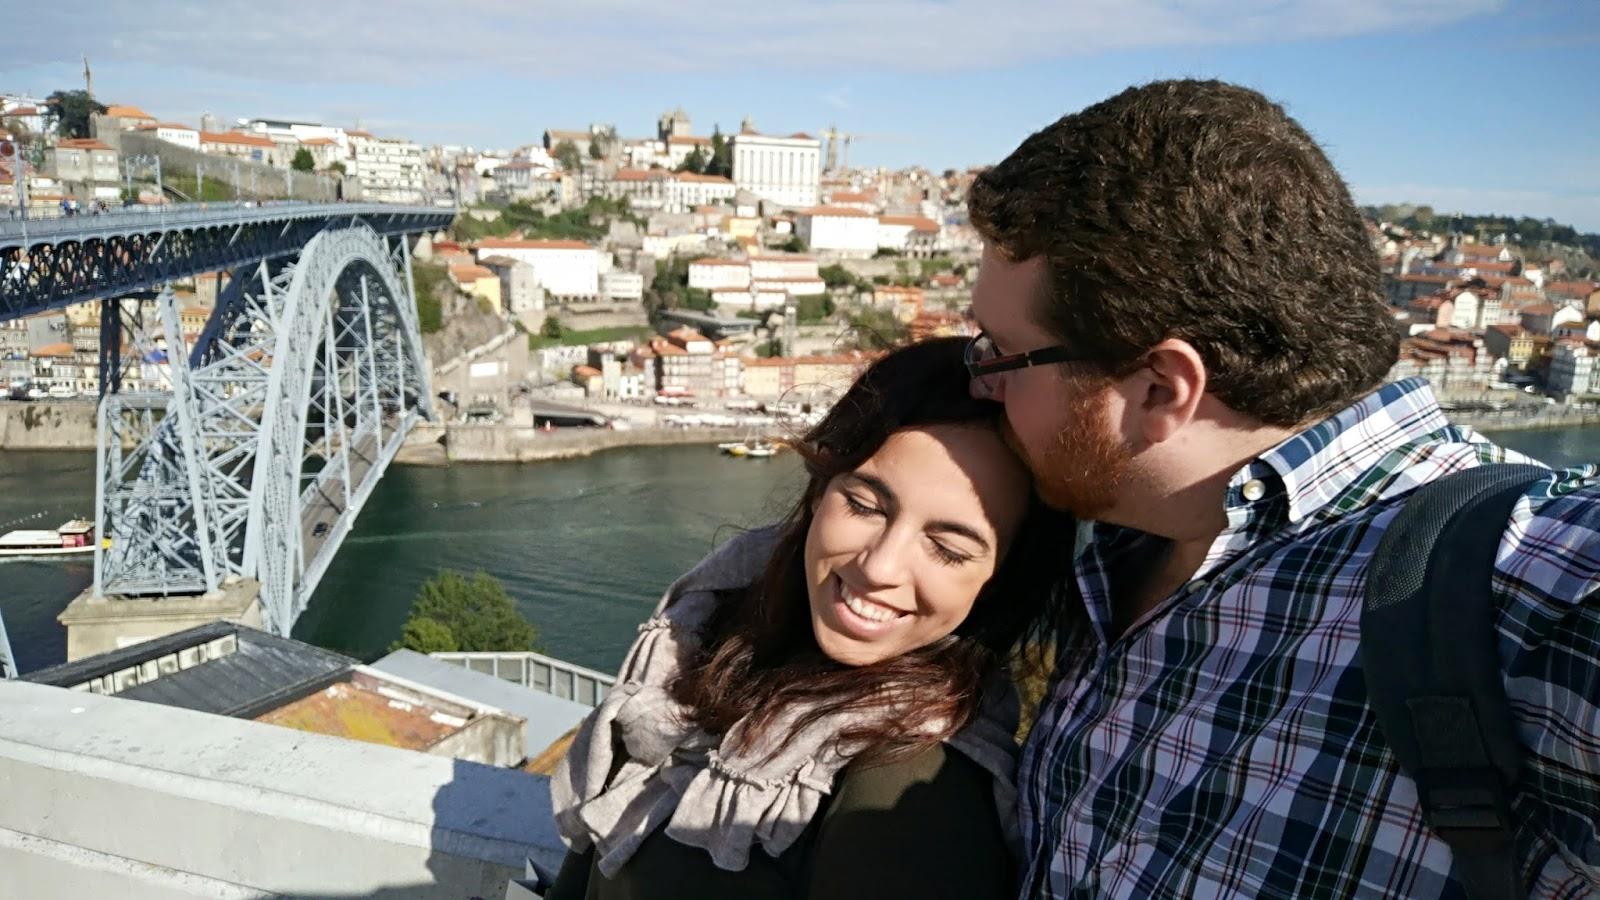 vilanova_de_gaia_con_puente_san_luis_I